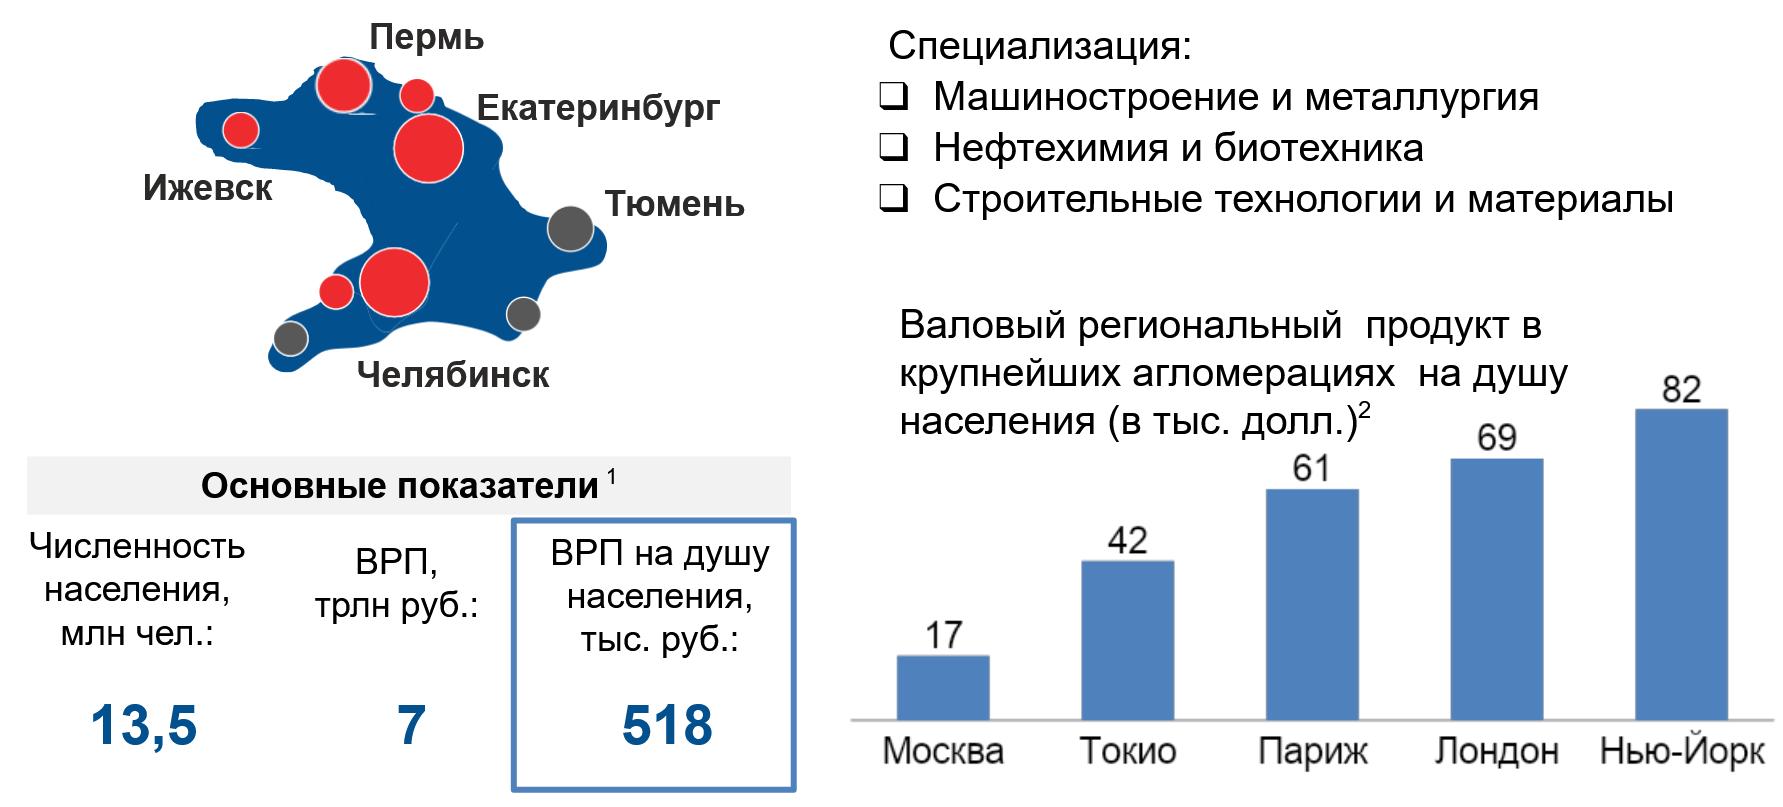 показатели развития городов